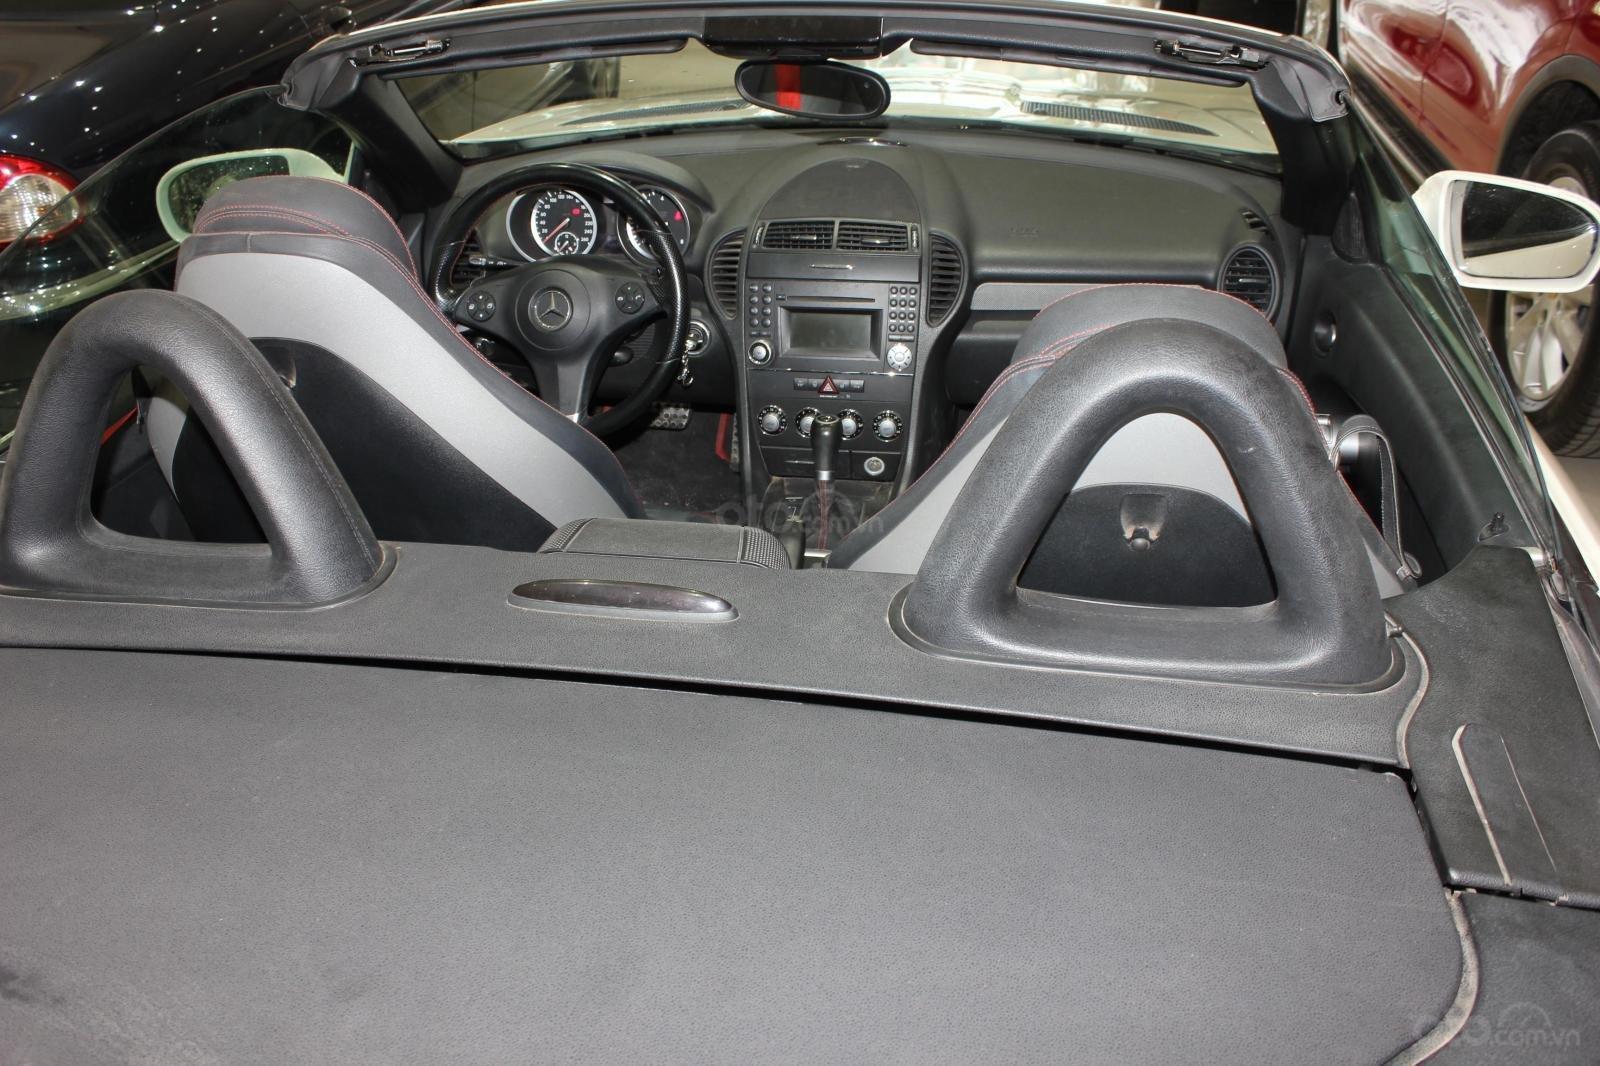 Mercedes SLK 200 sx 2009, mui trần, màu trắng, biển thành phố (11)